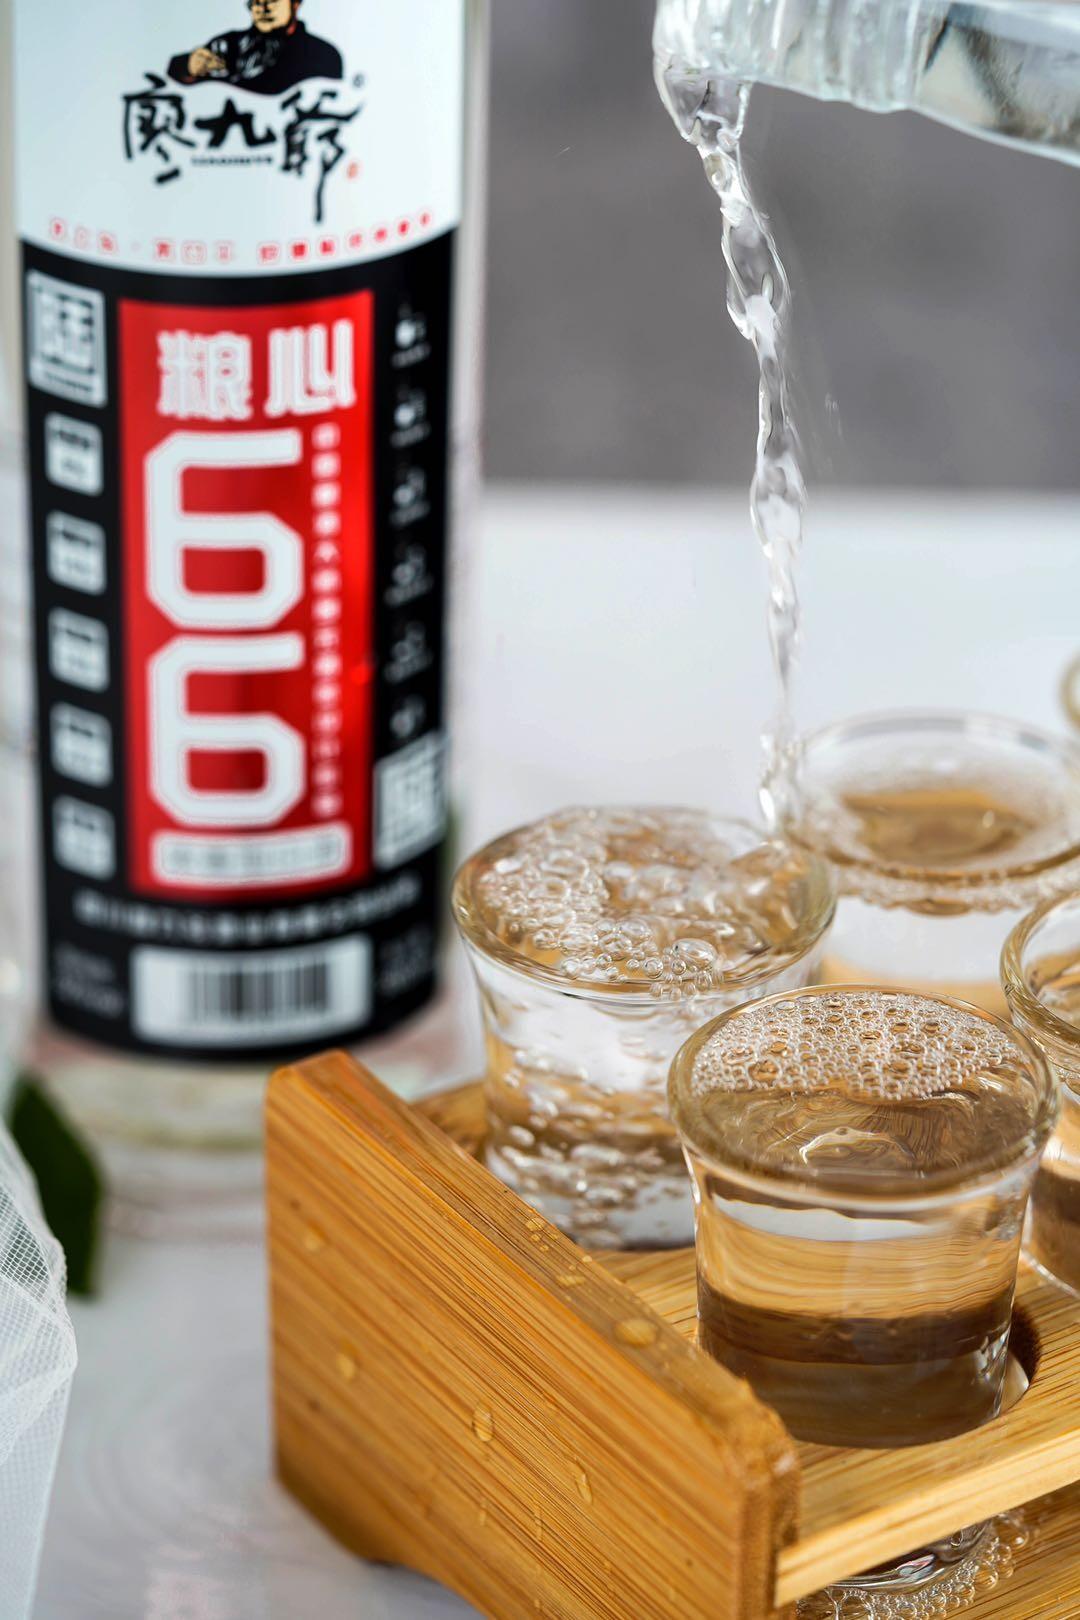 """廖九爷·粮心66光瓶酒:""""降维打击""""较劲为站稳,""""好看好喝""""诚信图未来"""